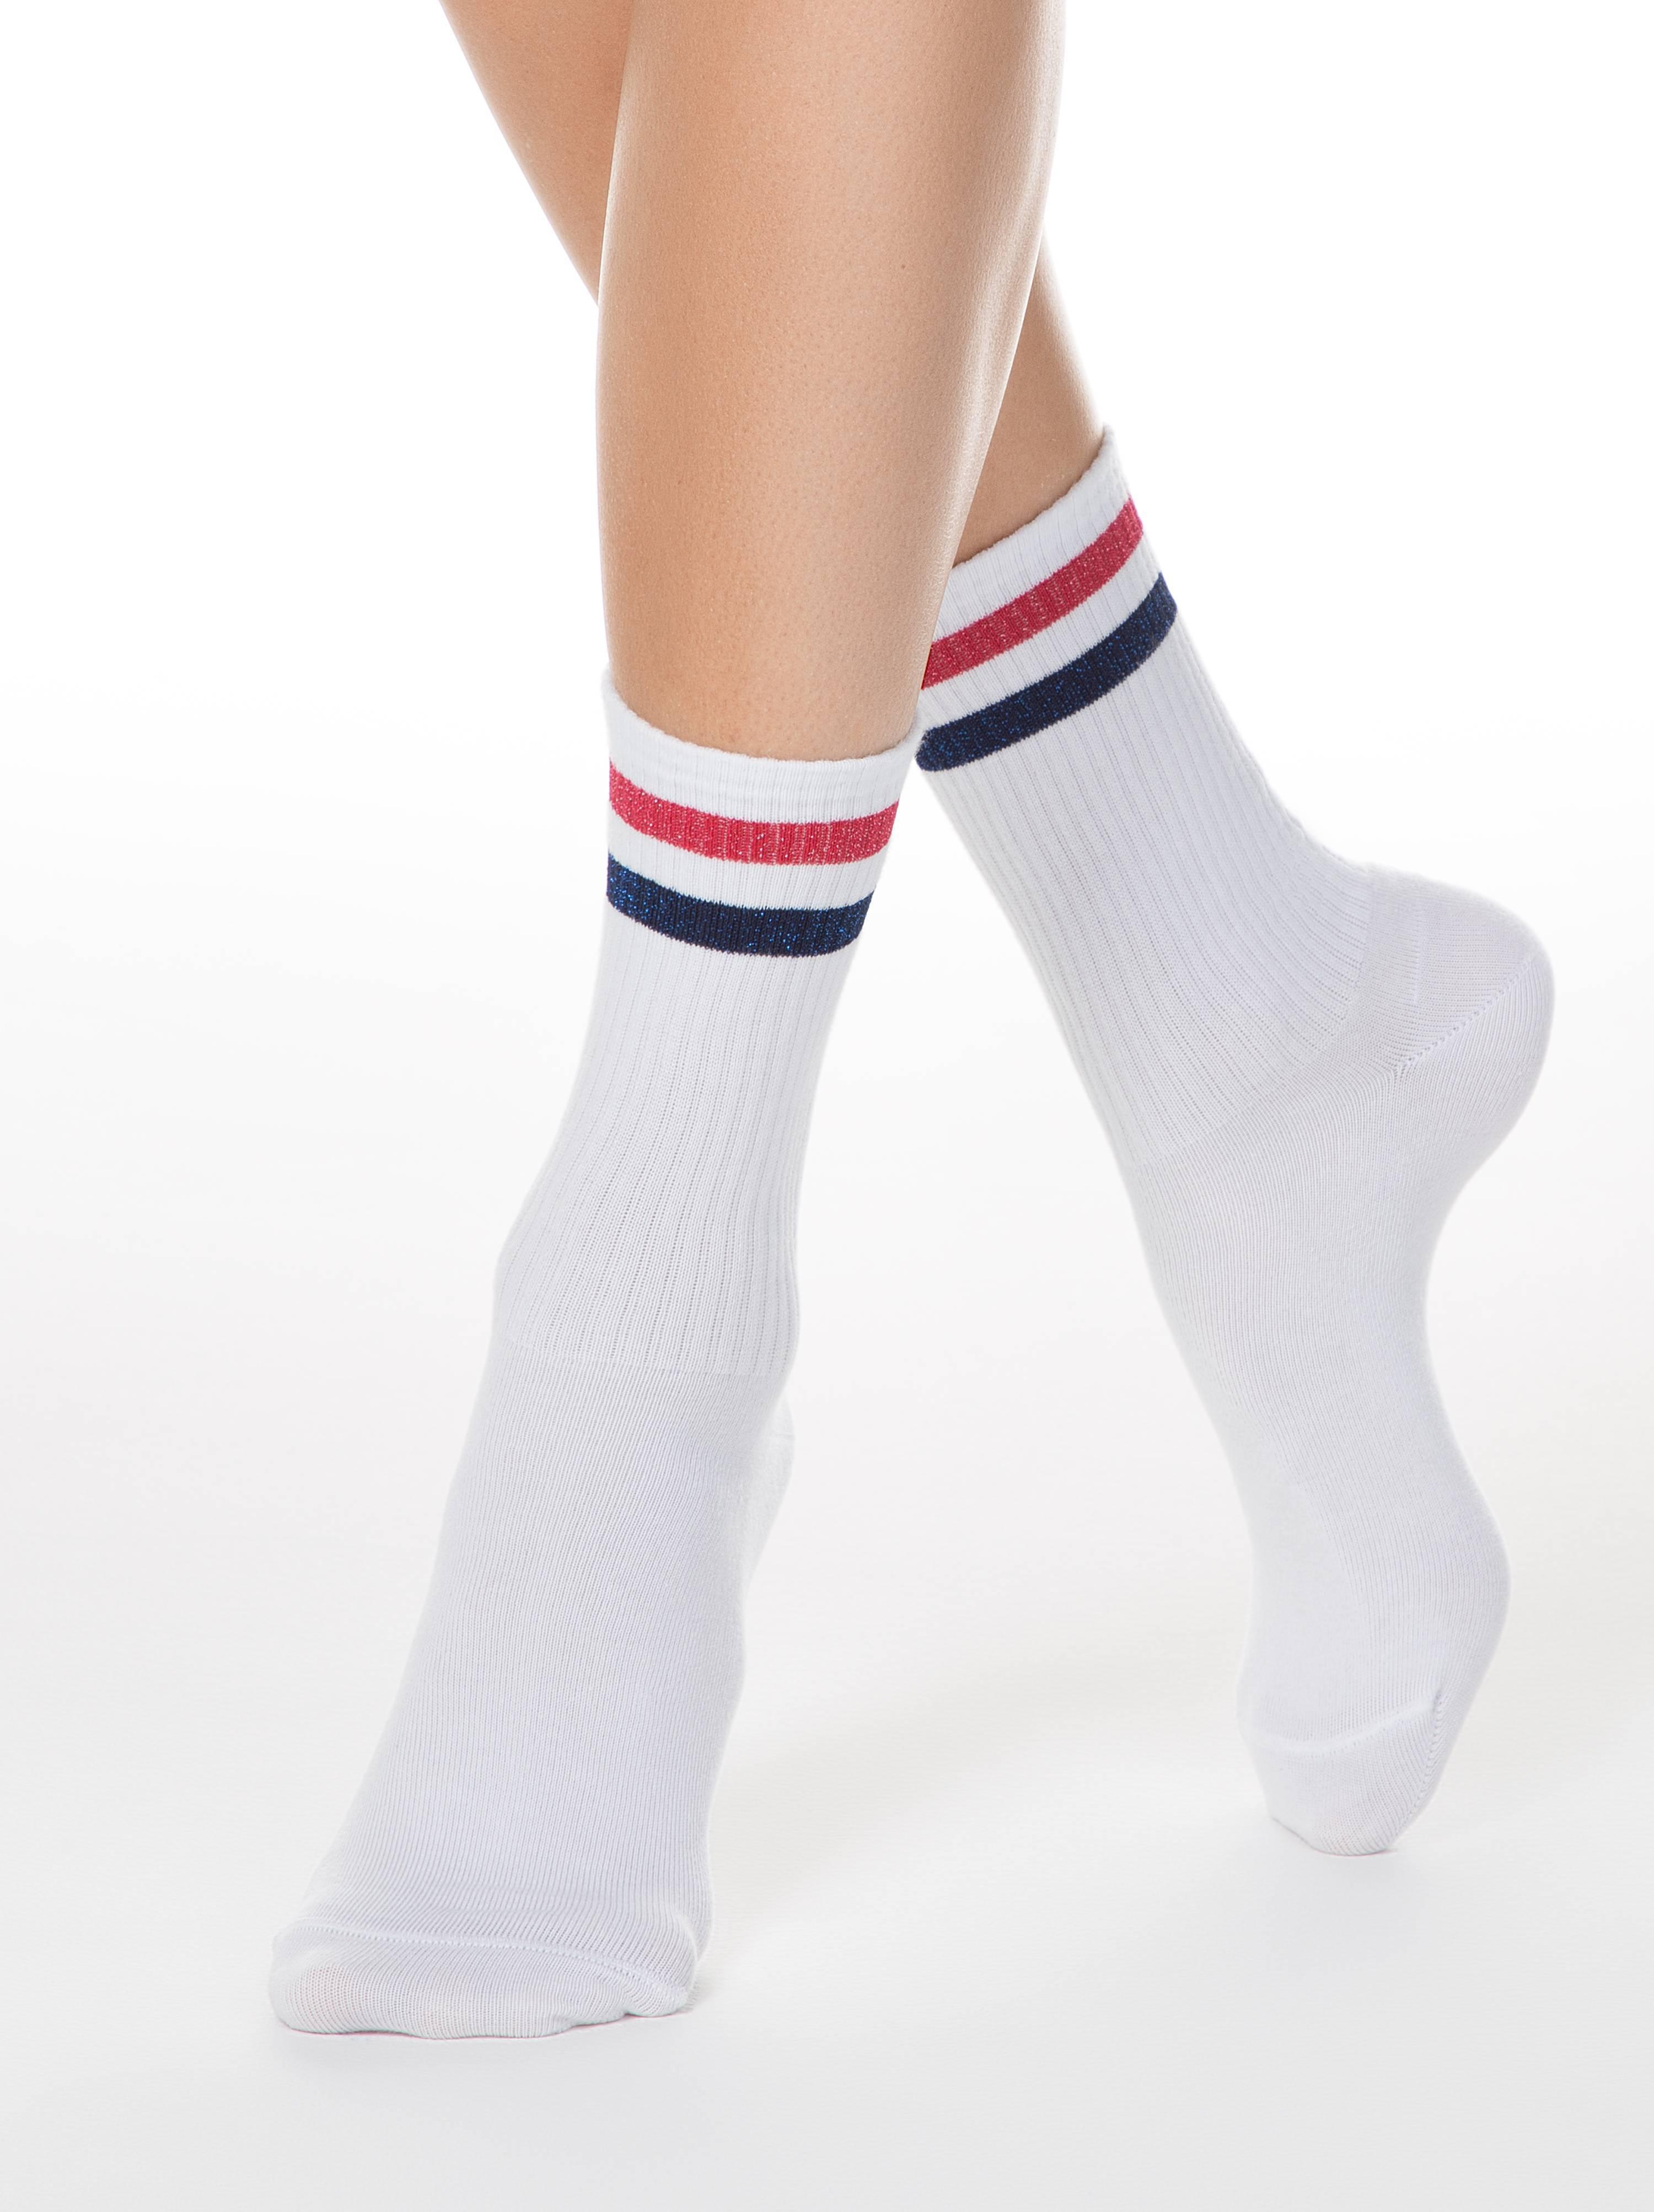 Фото - Носки женские ⭐️ Удлиненные хлопковые носки ACTIVE с яркими полосками из люрекса ⭐️ белый-светло-розового цвета